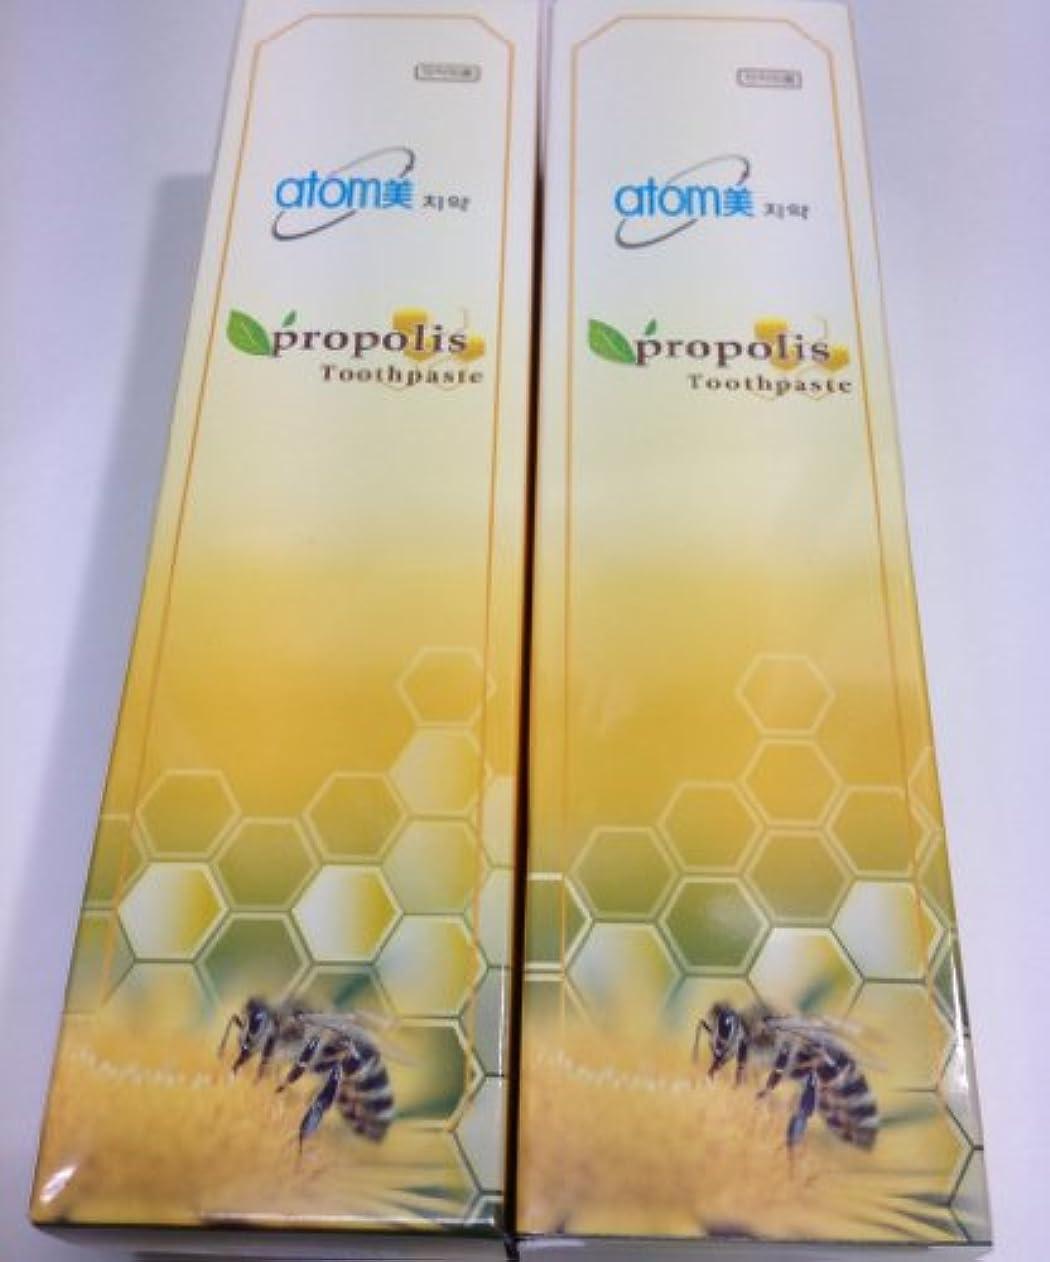 なす警告スロベニアアトミ化粧品 アトミ 歯ミガキ (歯磨き粉) 200g 2本セット 並行輸入品